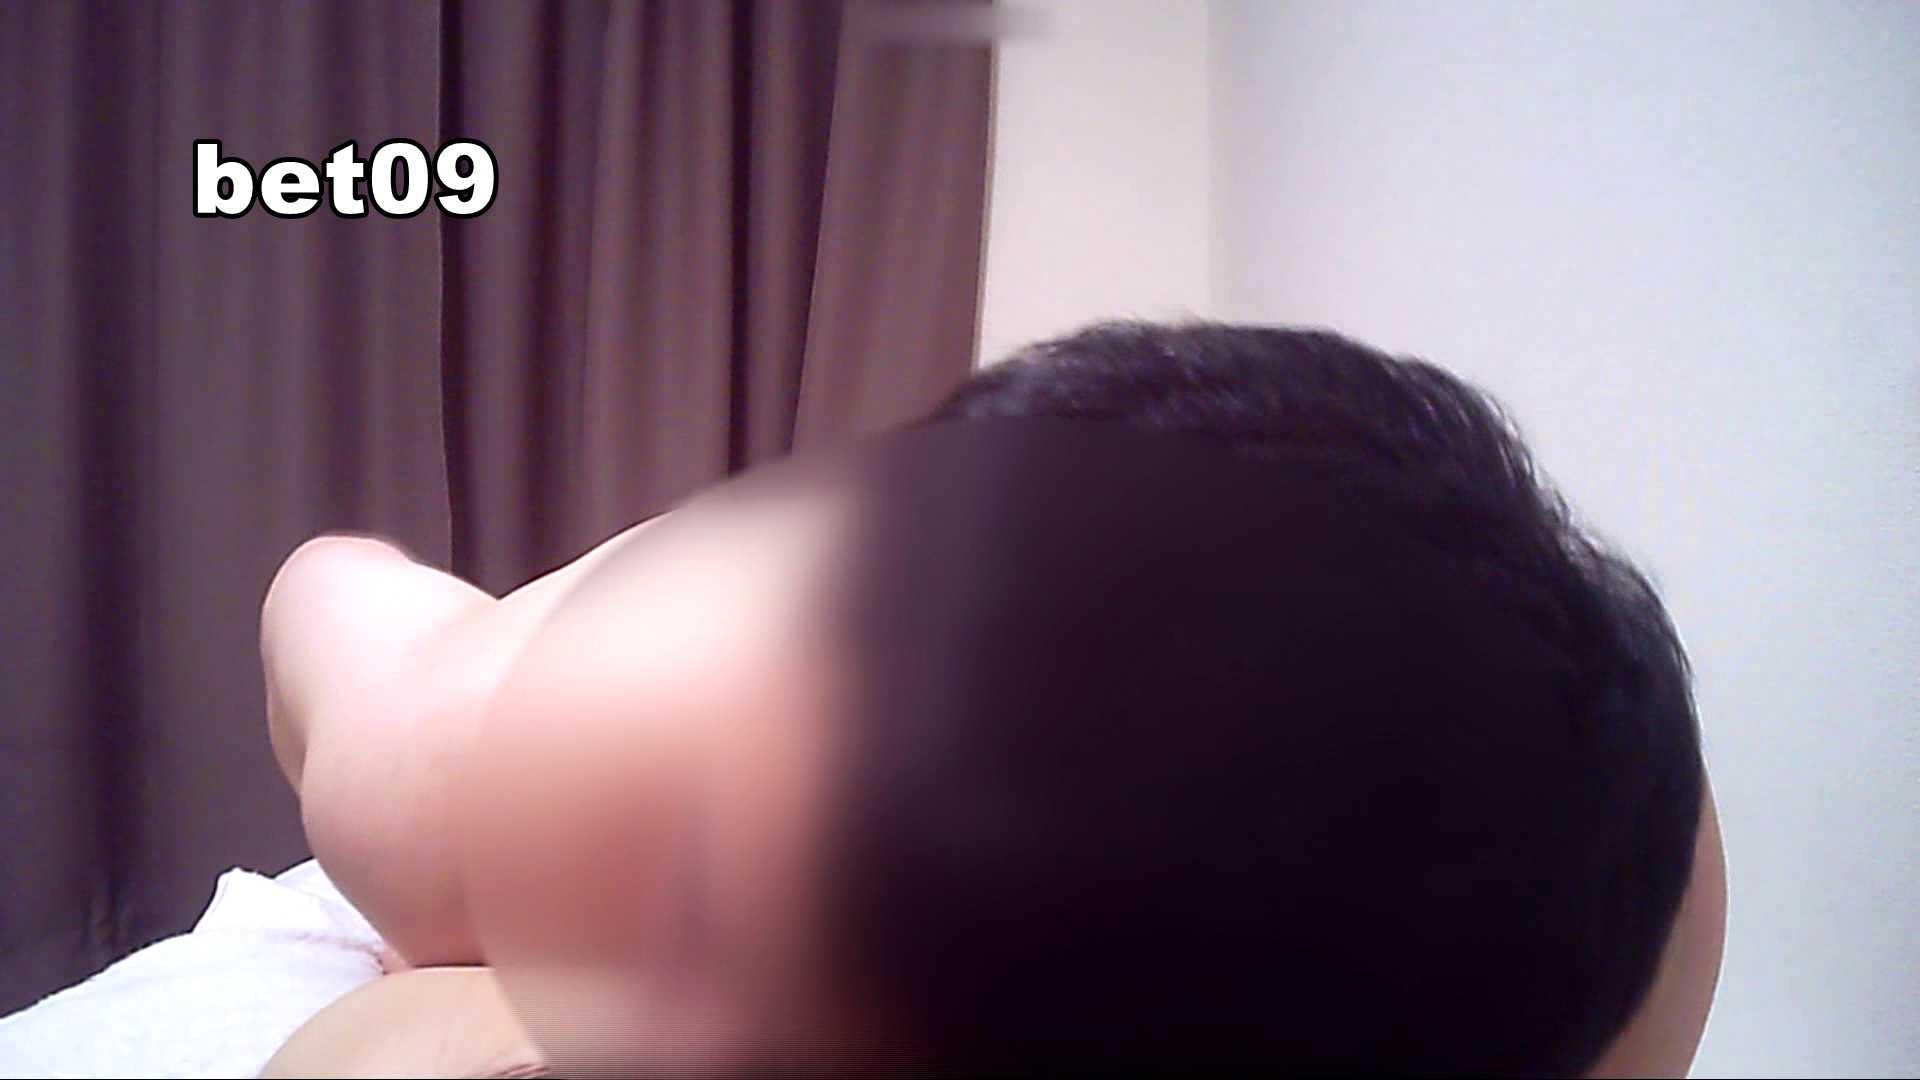 ミキ・大手旅行代理店勤務(24歳・仮名) vol.09 ミキの顔が紅潮してきます リベンジ  46画像 12